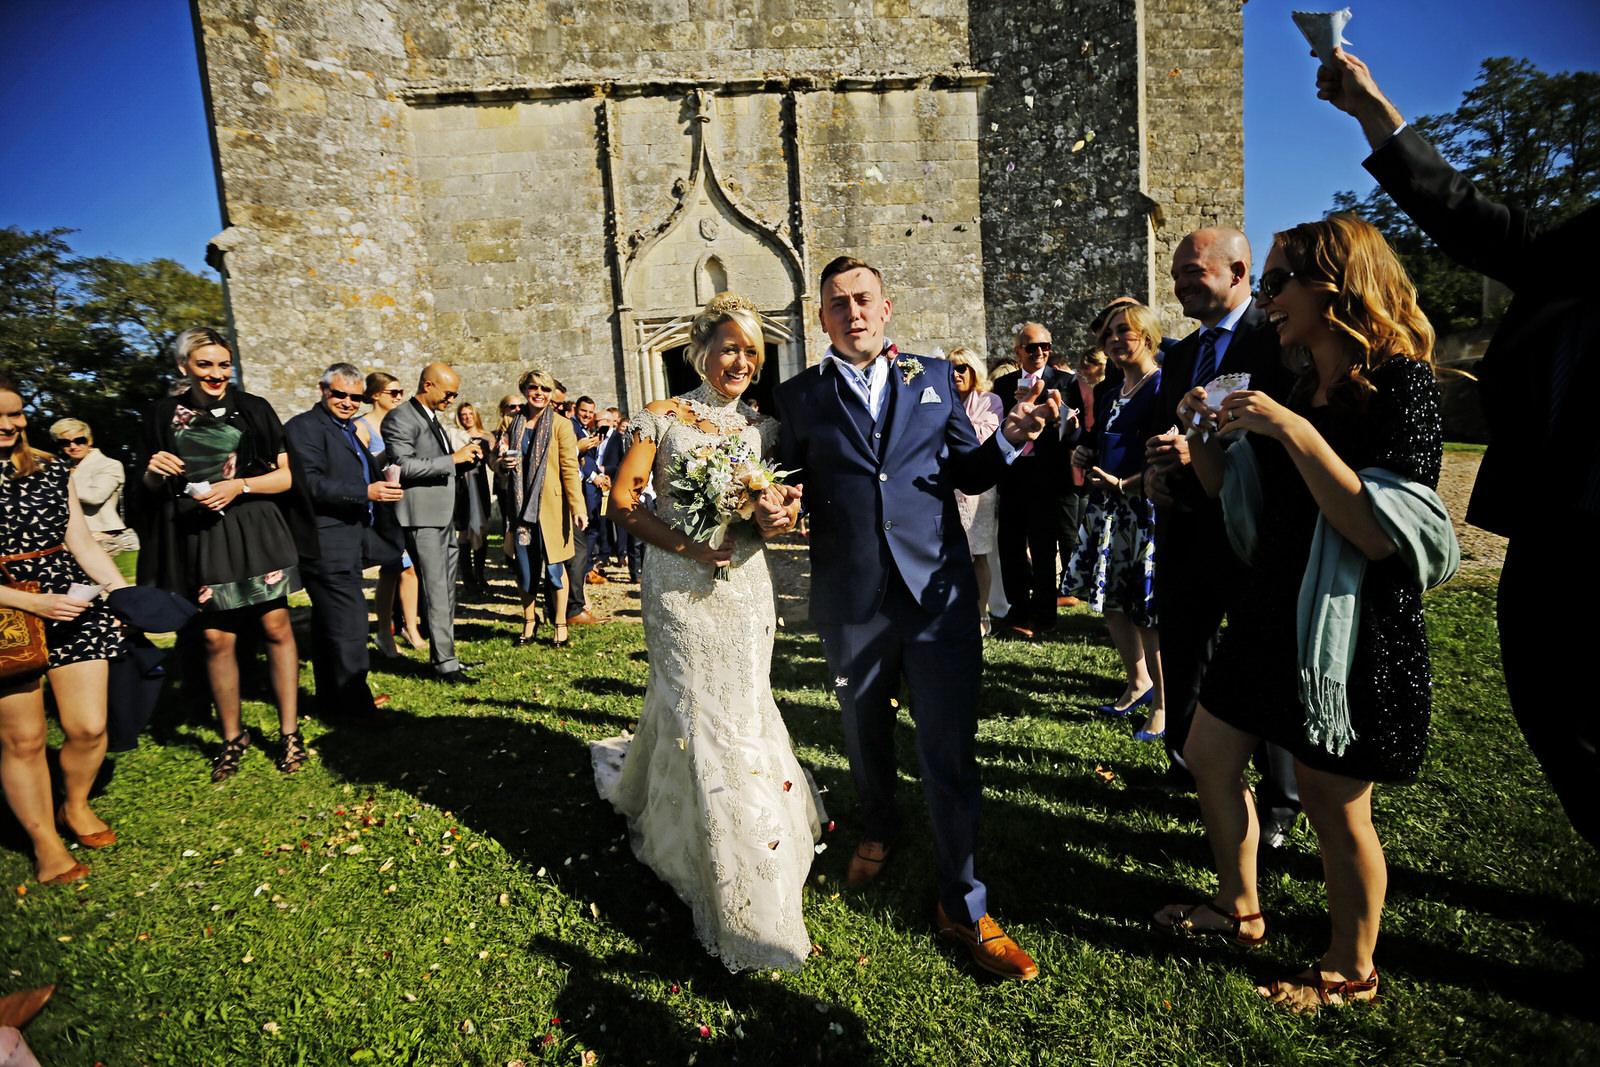 chateau-rigaud-weddings_0029.JPG